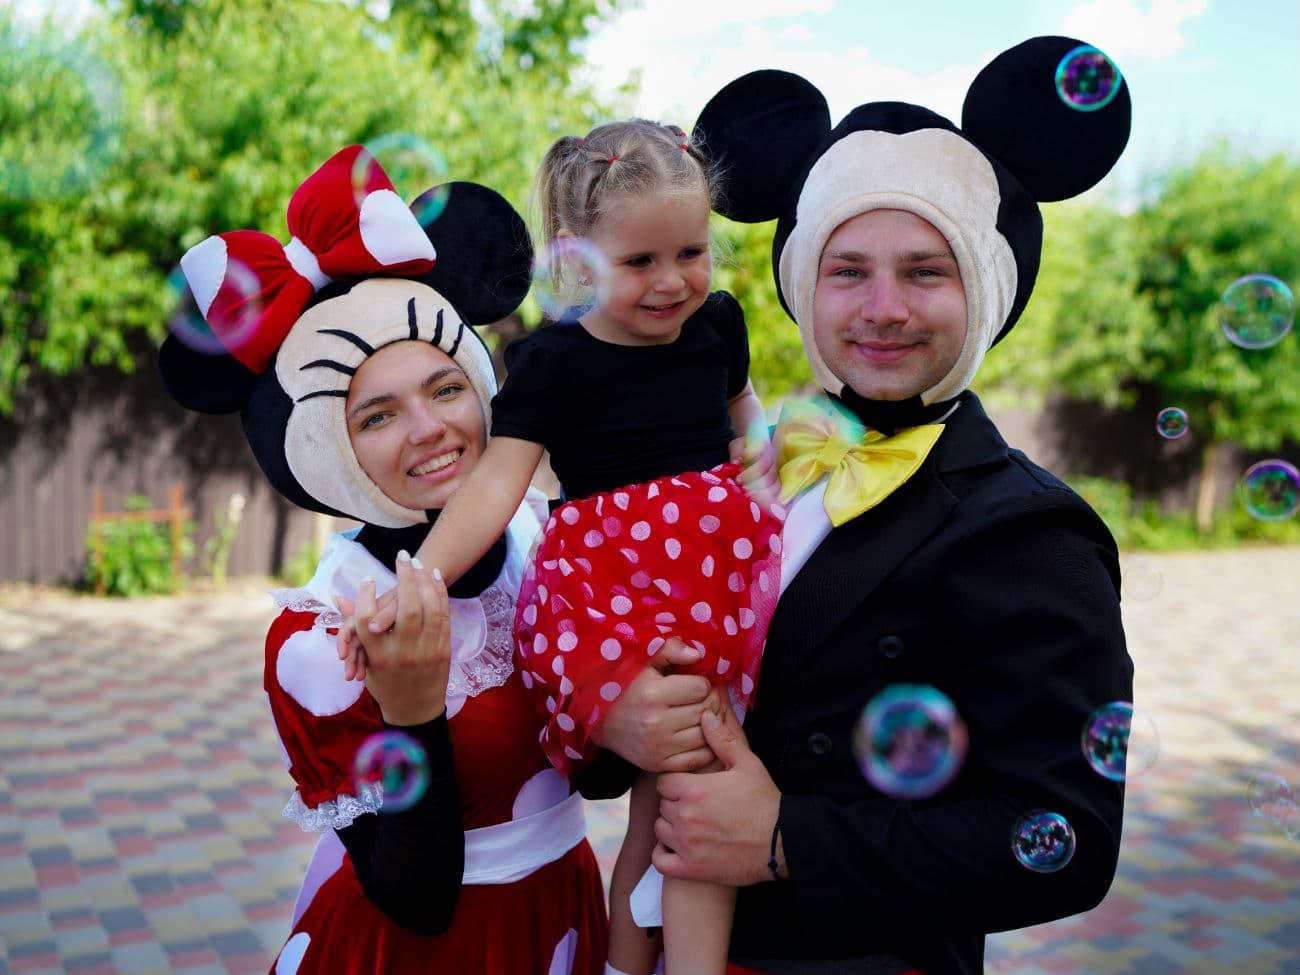 День рождения ребенка в стиле «Минни и Микки Маус»